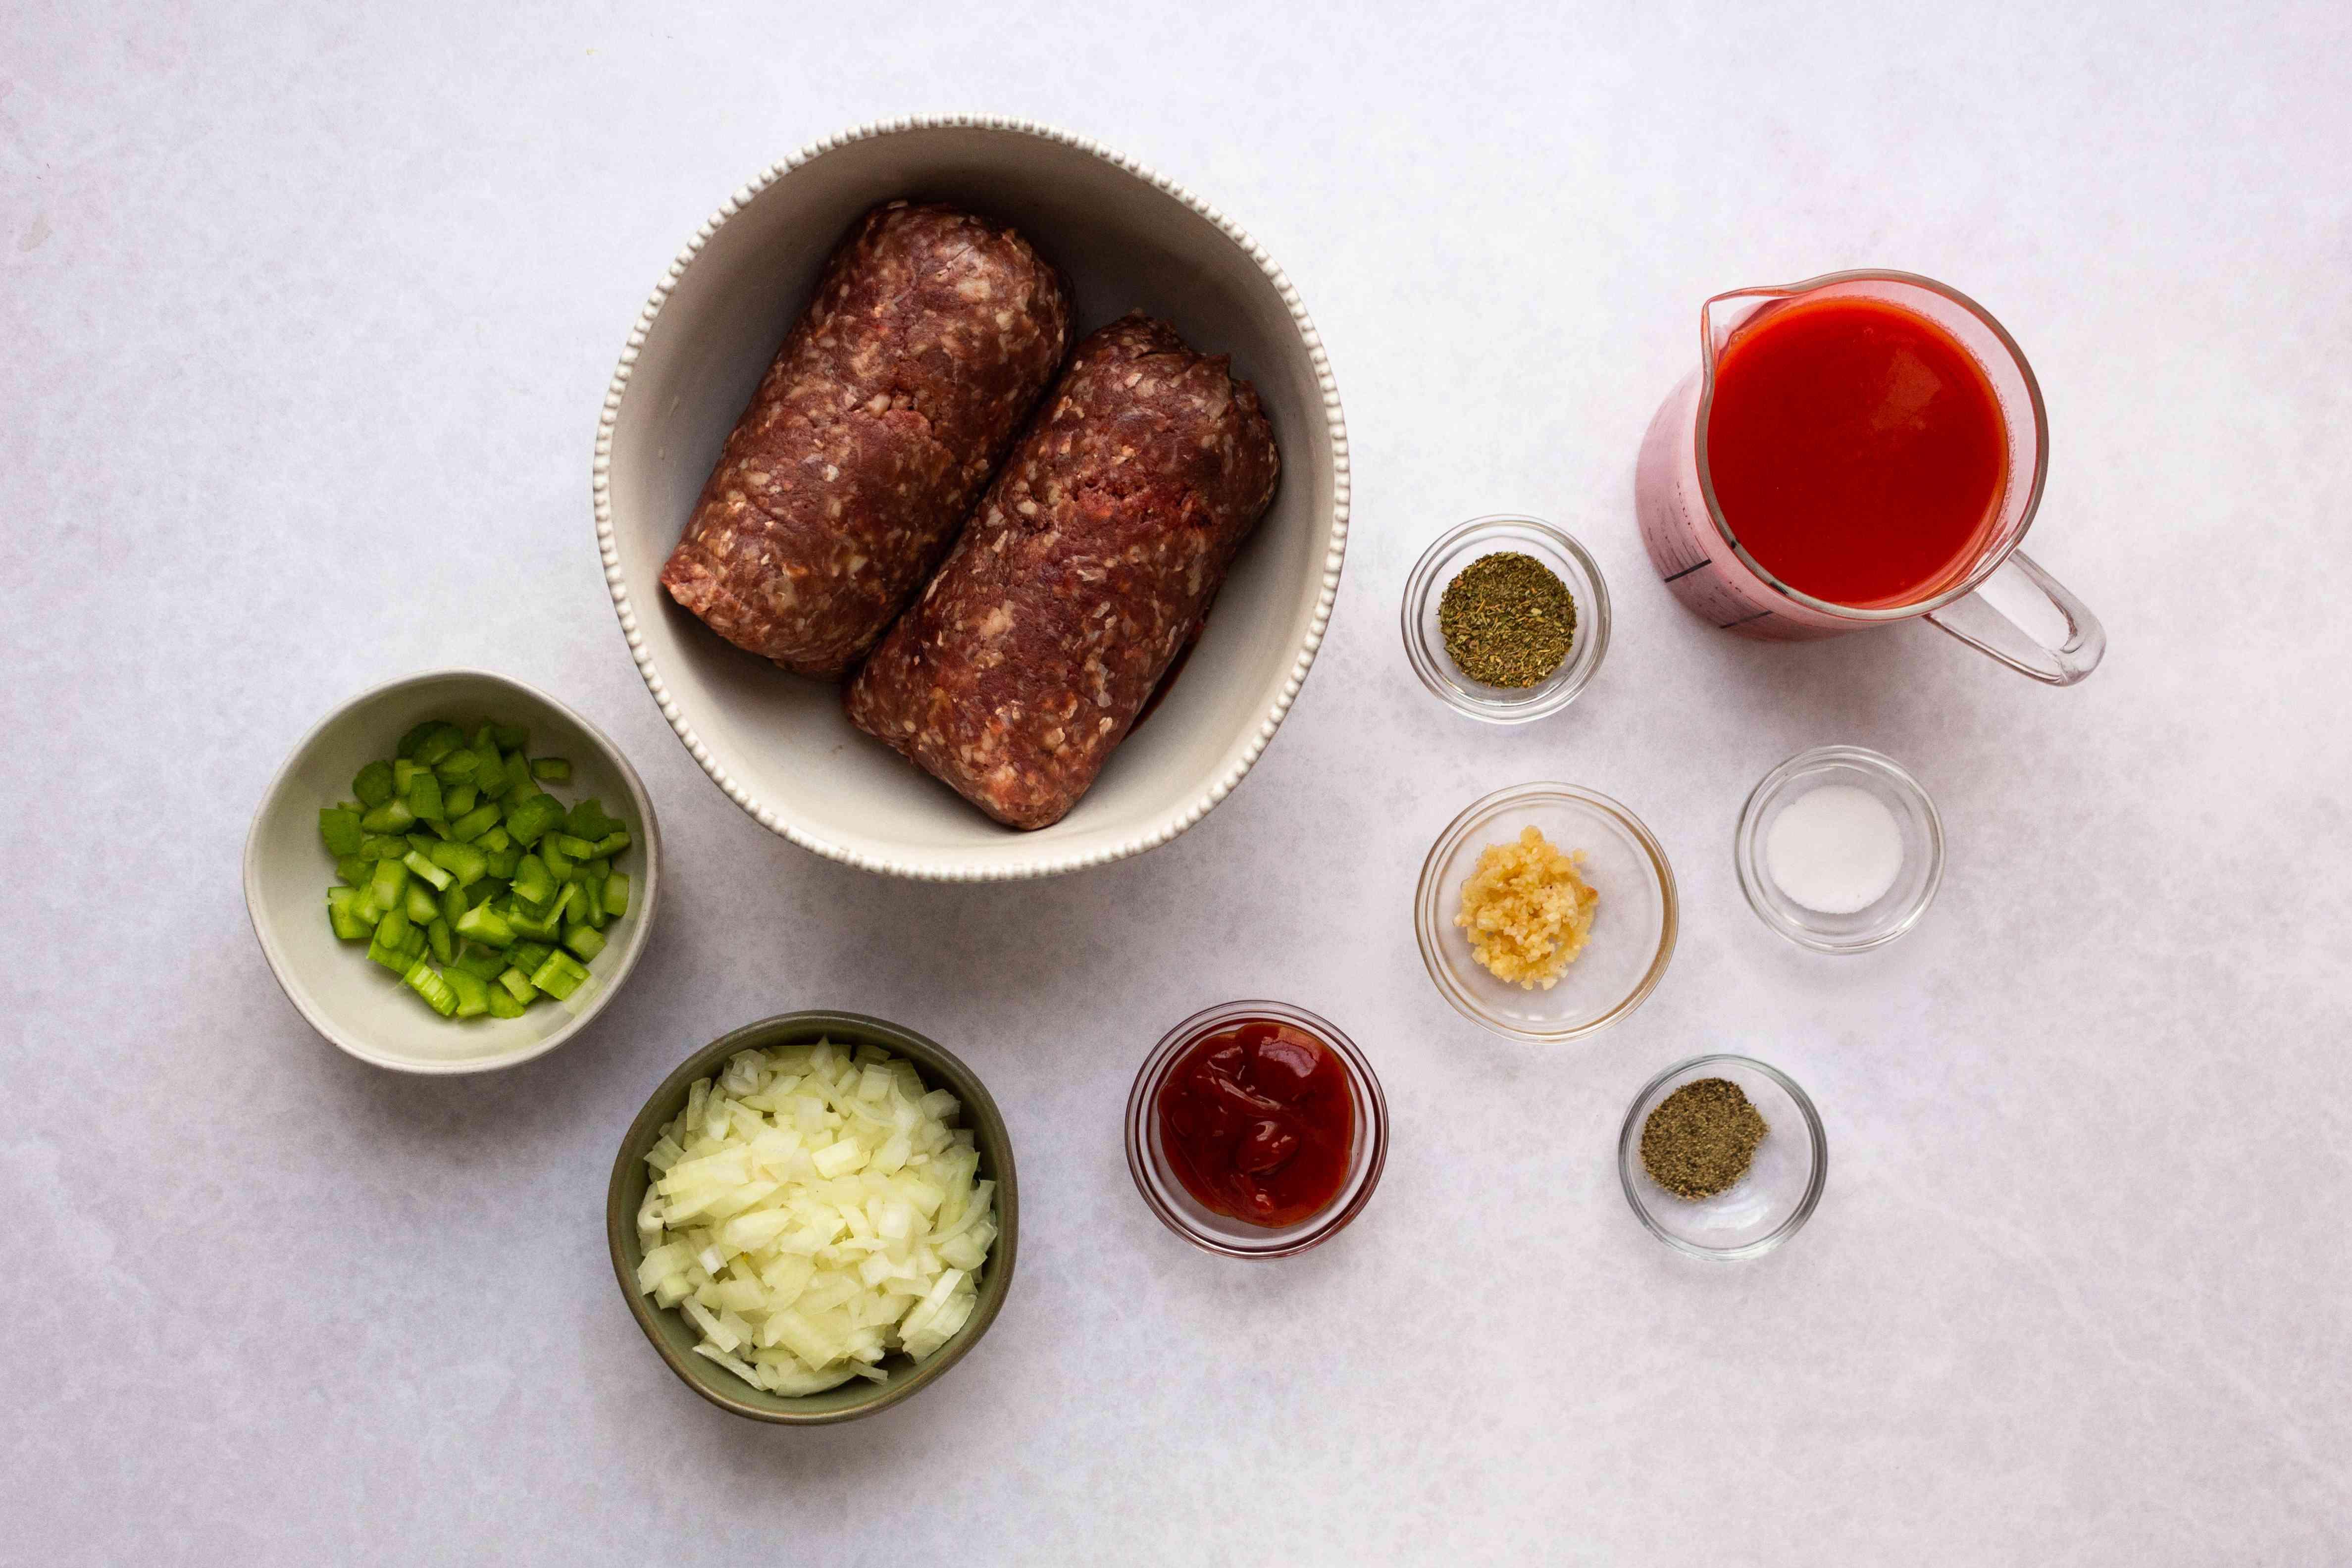 Slow Cooker Hamburgers ingredients